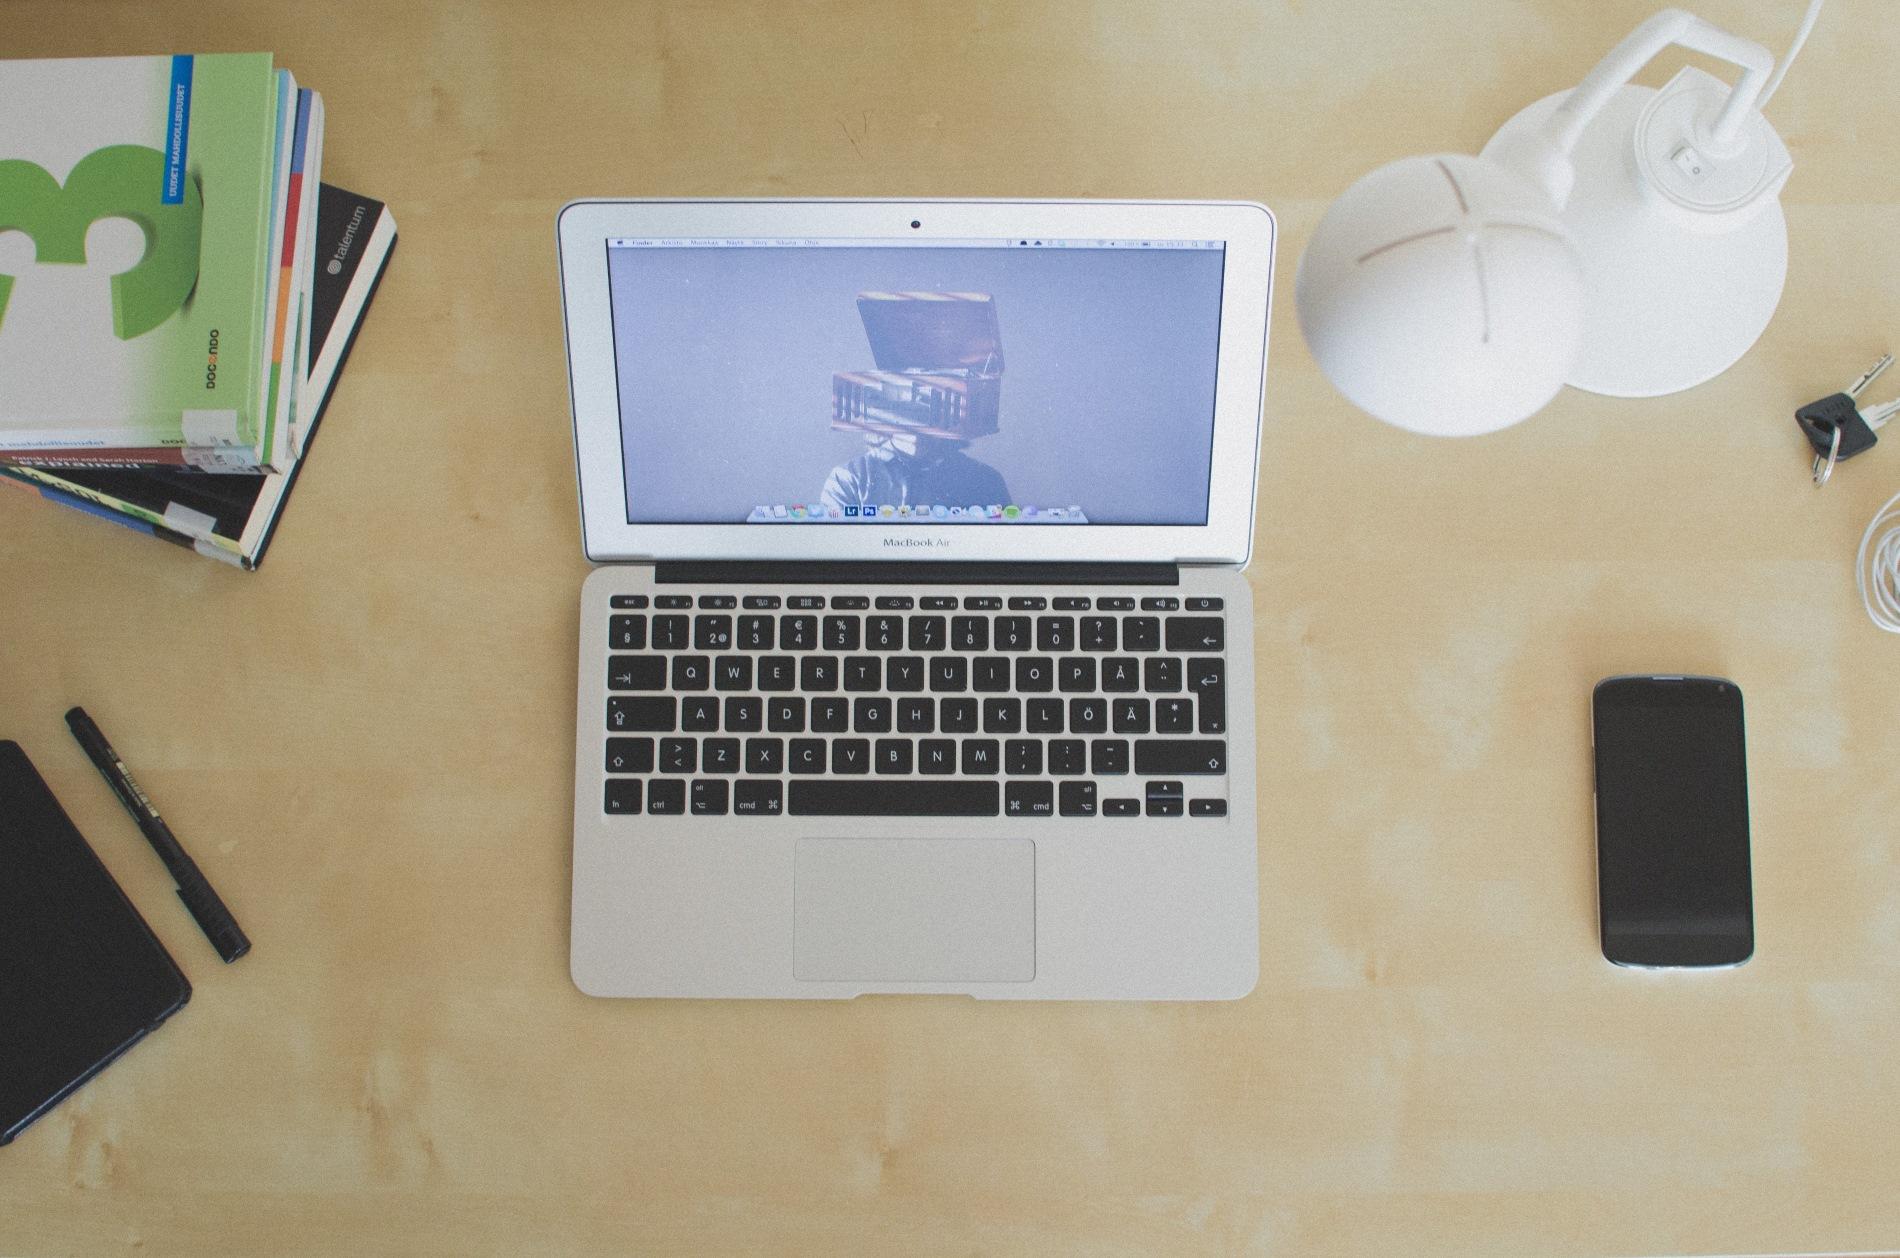 Le Mac Book Air et son design de 2010. Crédit: Aleksi Tappura